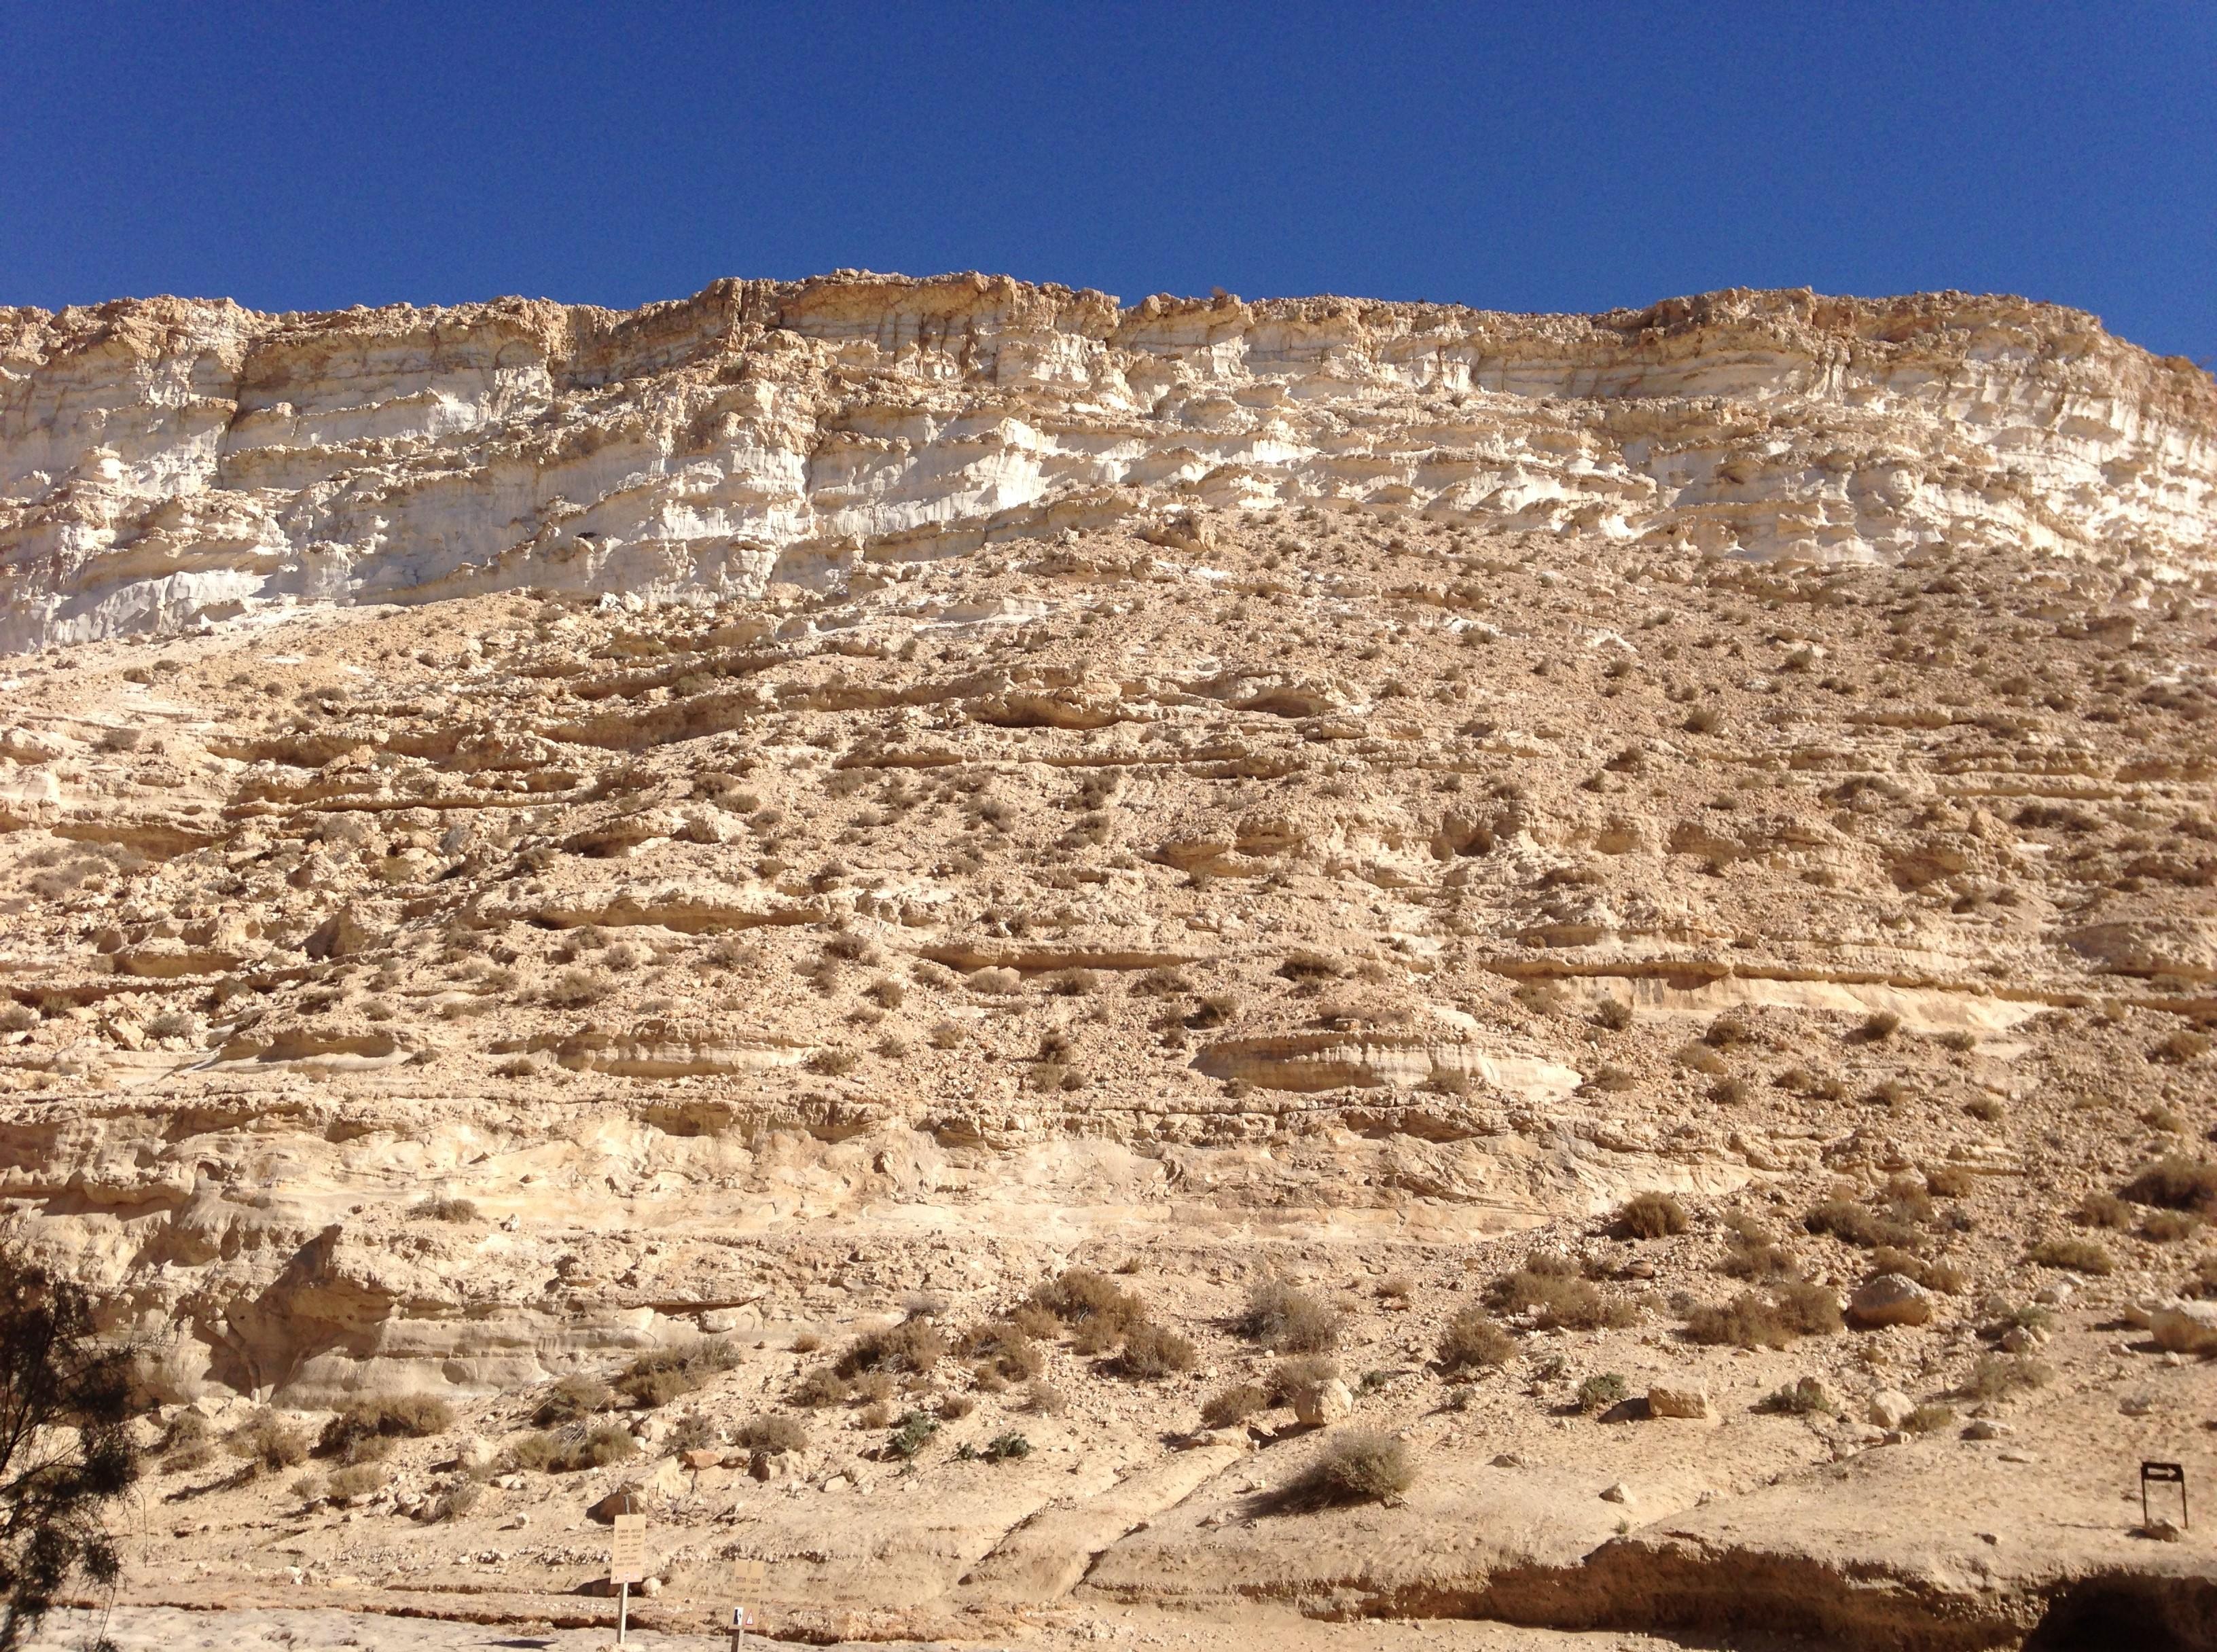 hill in desert